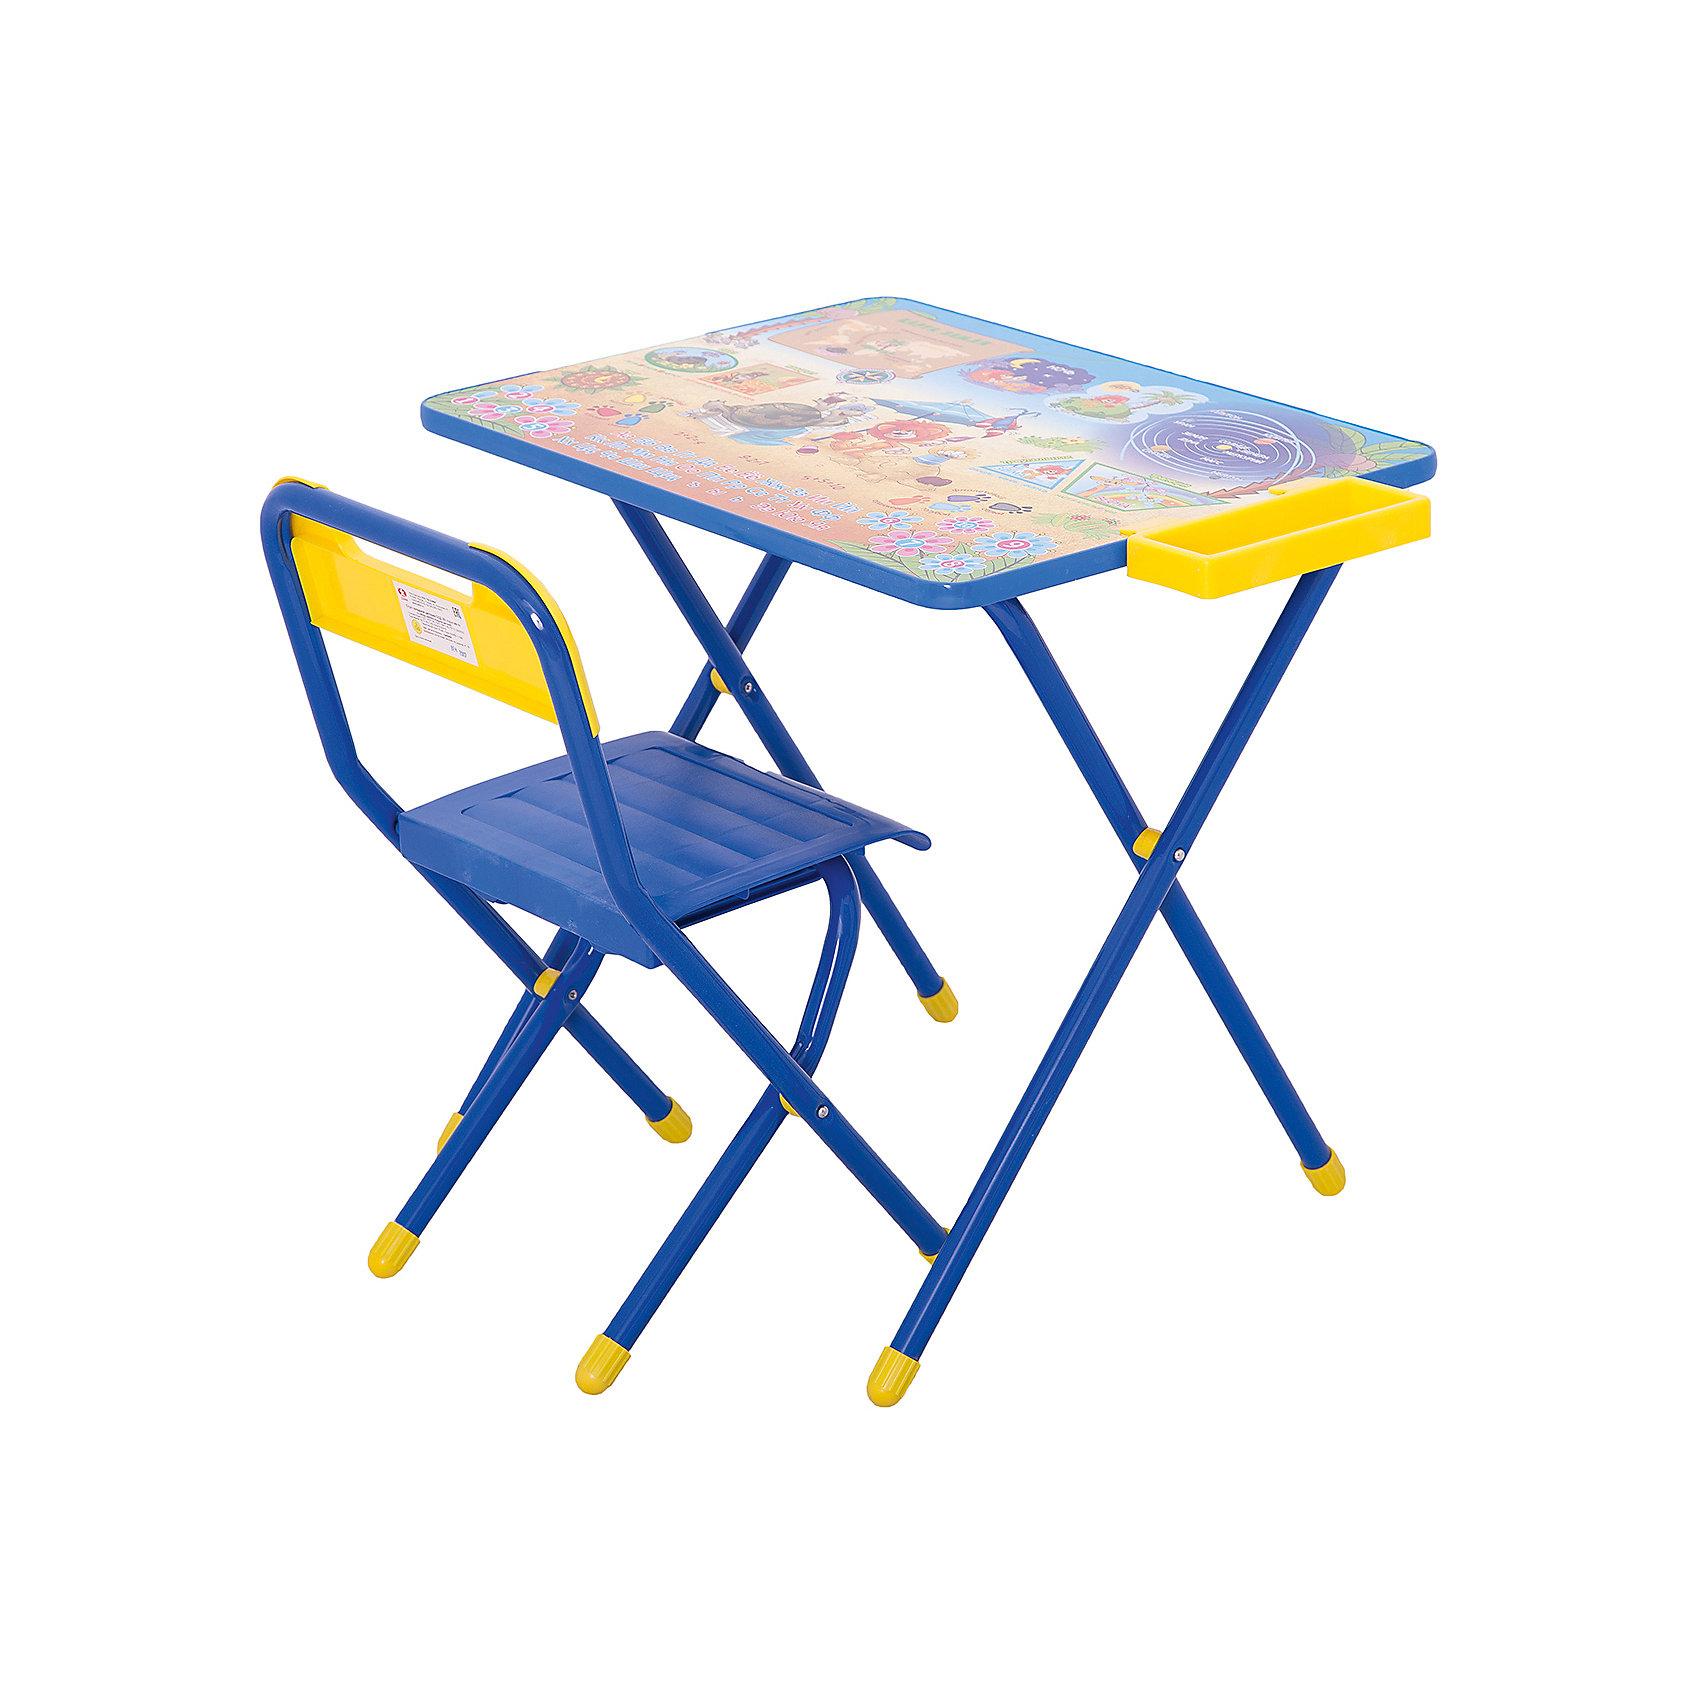 Набор детской складной мебели Львенок и Черепаха, ДэмиДетские столы и стулья<br>Каждый ребенок нуждается в удобной, специальной мебели, чтобы его организм мог развиваться правильно. Такая мебель может быть еще и яркой, а также выполнять обучающую функцию.<br>Набор детской складной мебели Львенок и Черепаха - это универсальный комплект необходимых предметов для малыша. Он состоит из стула и стола, выполненных в ярких цветах. Столешница позволяет разместить на ней все необходимые предметы: можно есть, играть или учиться! На ней расположены обучающие рисунки, также прикреплен специальный пенал для канцелярии. Разработан в соответствии с рекомендациями врачей-ортопедов. Сделан из безопасных для ребенка материалов.<br><br><br>Дополнительная информация:<br><br>материал: металл, пластик;<br>просторная столешница;<br>оригинальный яркий дизайн;<br>обучающие изображения на столешнице;<br>легко моется;<br>соответствует рекомендациям ортопедов;<br>боковой пенал для канцелярии;<br>для детей ростом от 130 до 145 см;<br>размер столешницы: 45 х 60 см;<br>высота столешницы: 58 см;<br>высота стула: 34 см;<br>сиденье: 26х28 см;<br>спинка: 12х34 см;<br>максимальная нагрузка: 40 кг.<br><br>Набор детской складной мебели Львенок и Черепаха можно купить в нашем магазине.<br><br>Ширина мм: 77<br>Глубина мм: 73<br>Высота мм: 15<br>Вес г: 8500<br>Возраст от месяцев: 48<br>Возраст до месяцев: 96<br>Пол: Унисекс<br>Возраст: Детский<br>SKU: 4693955